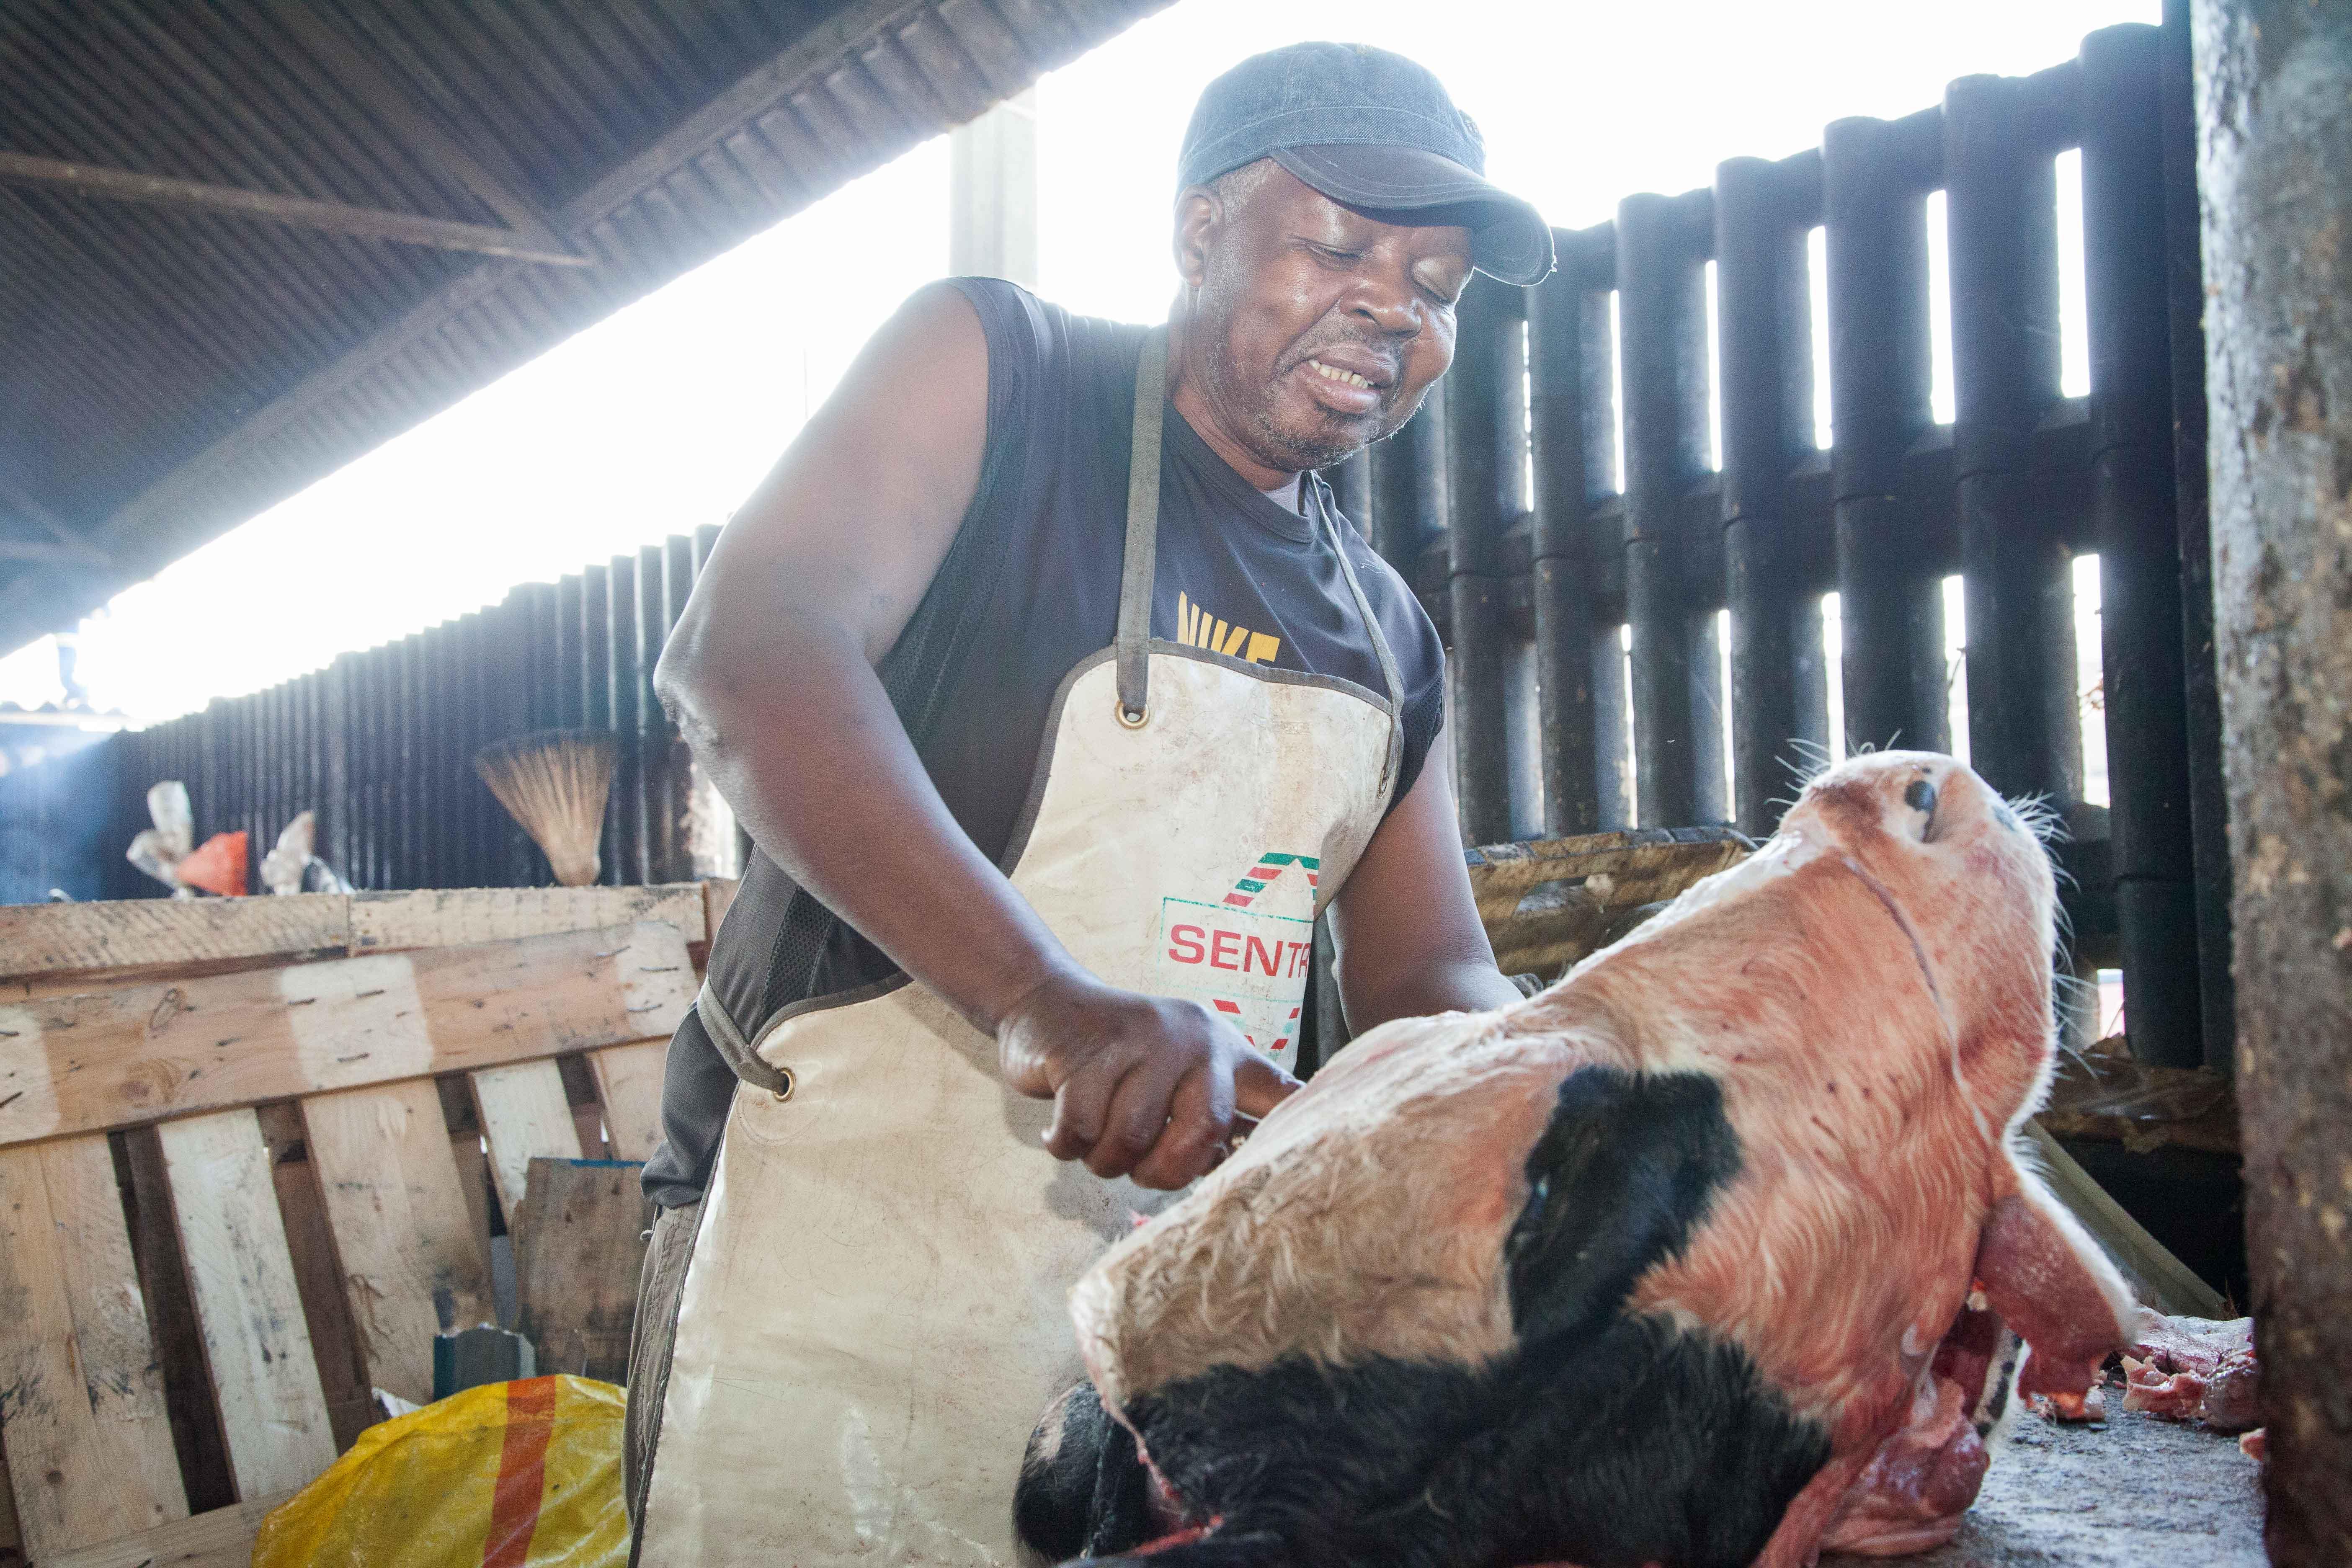 Der abgetrennte Kalbskopf wird zerteilt und sofort für den Grill vorbereitet.